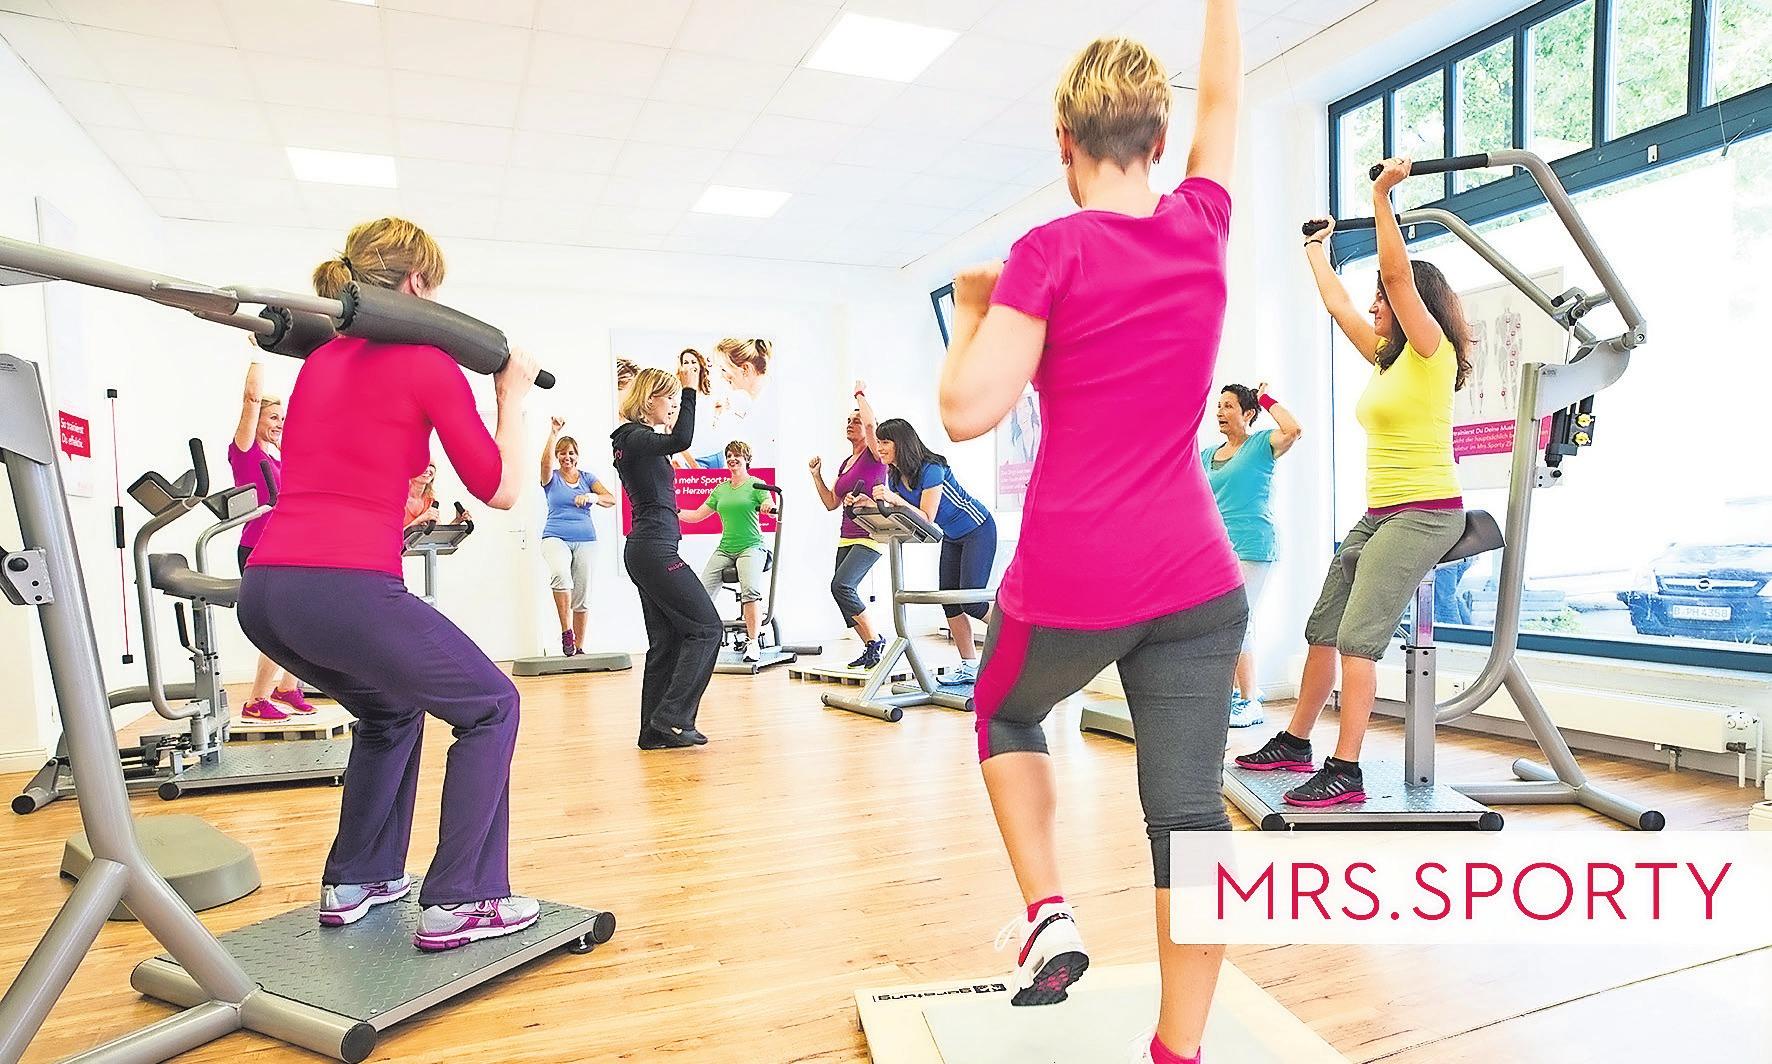 Gesundheit stärken durch Bewegung: Mrs. Sporty lädt ein zum Gratistraining während der Gesundheitswoche.Foto: Mrs. Sporty